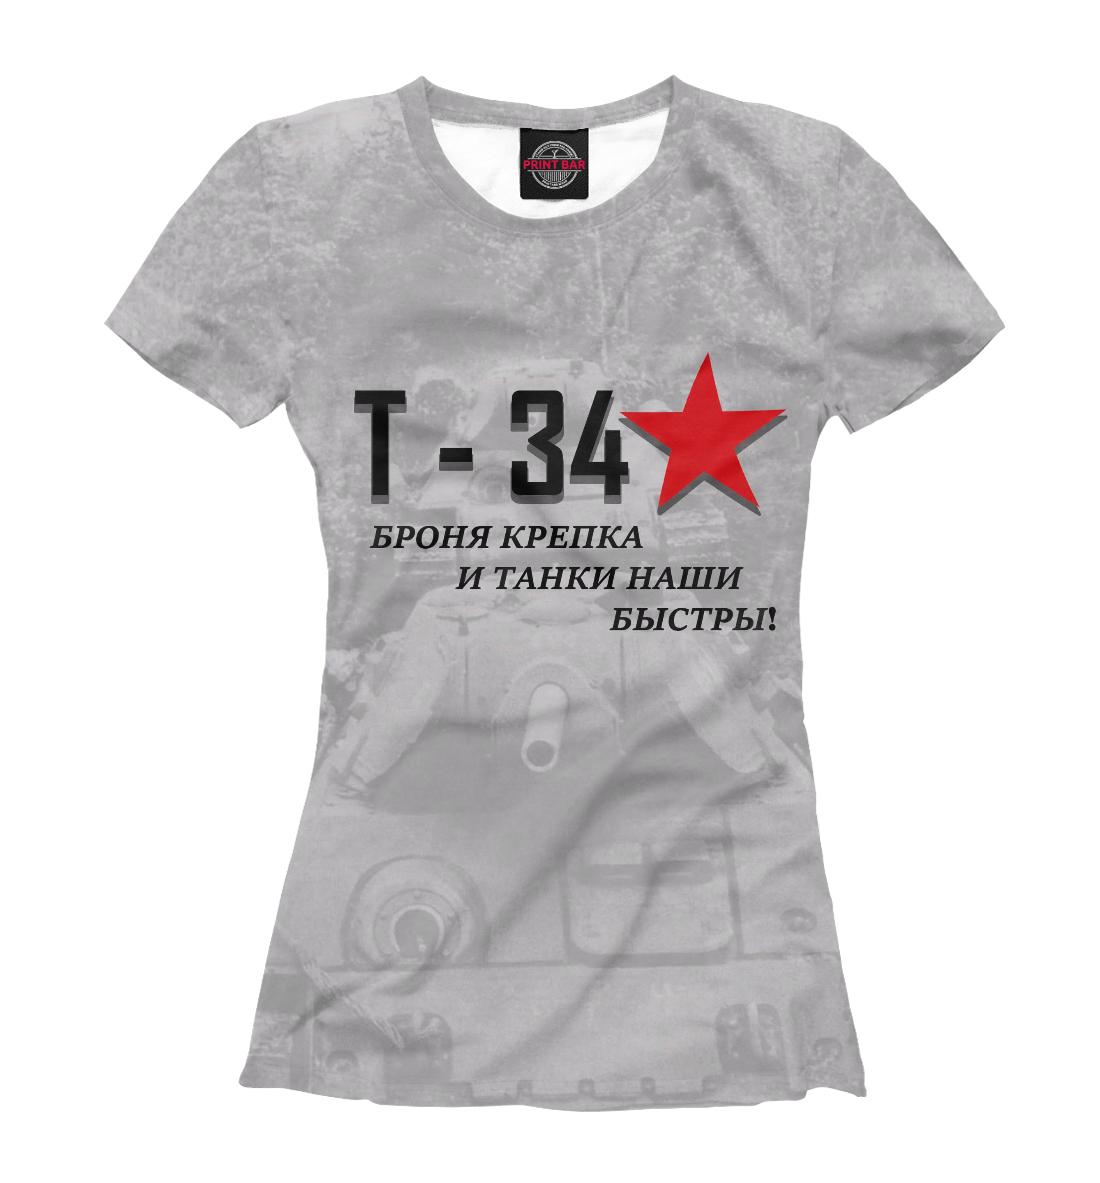 Броня Крепка и Танки наши Быстры! printio футболка wearcraft premium slim fit броня крепка и танки наши быстры